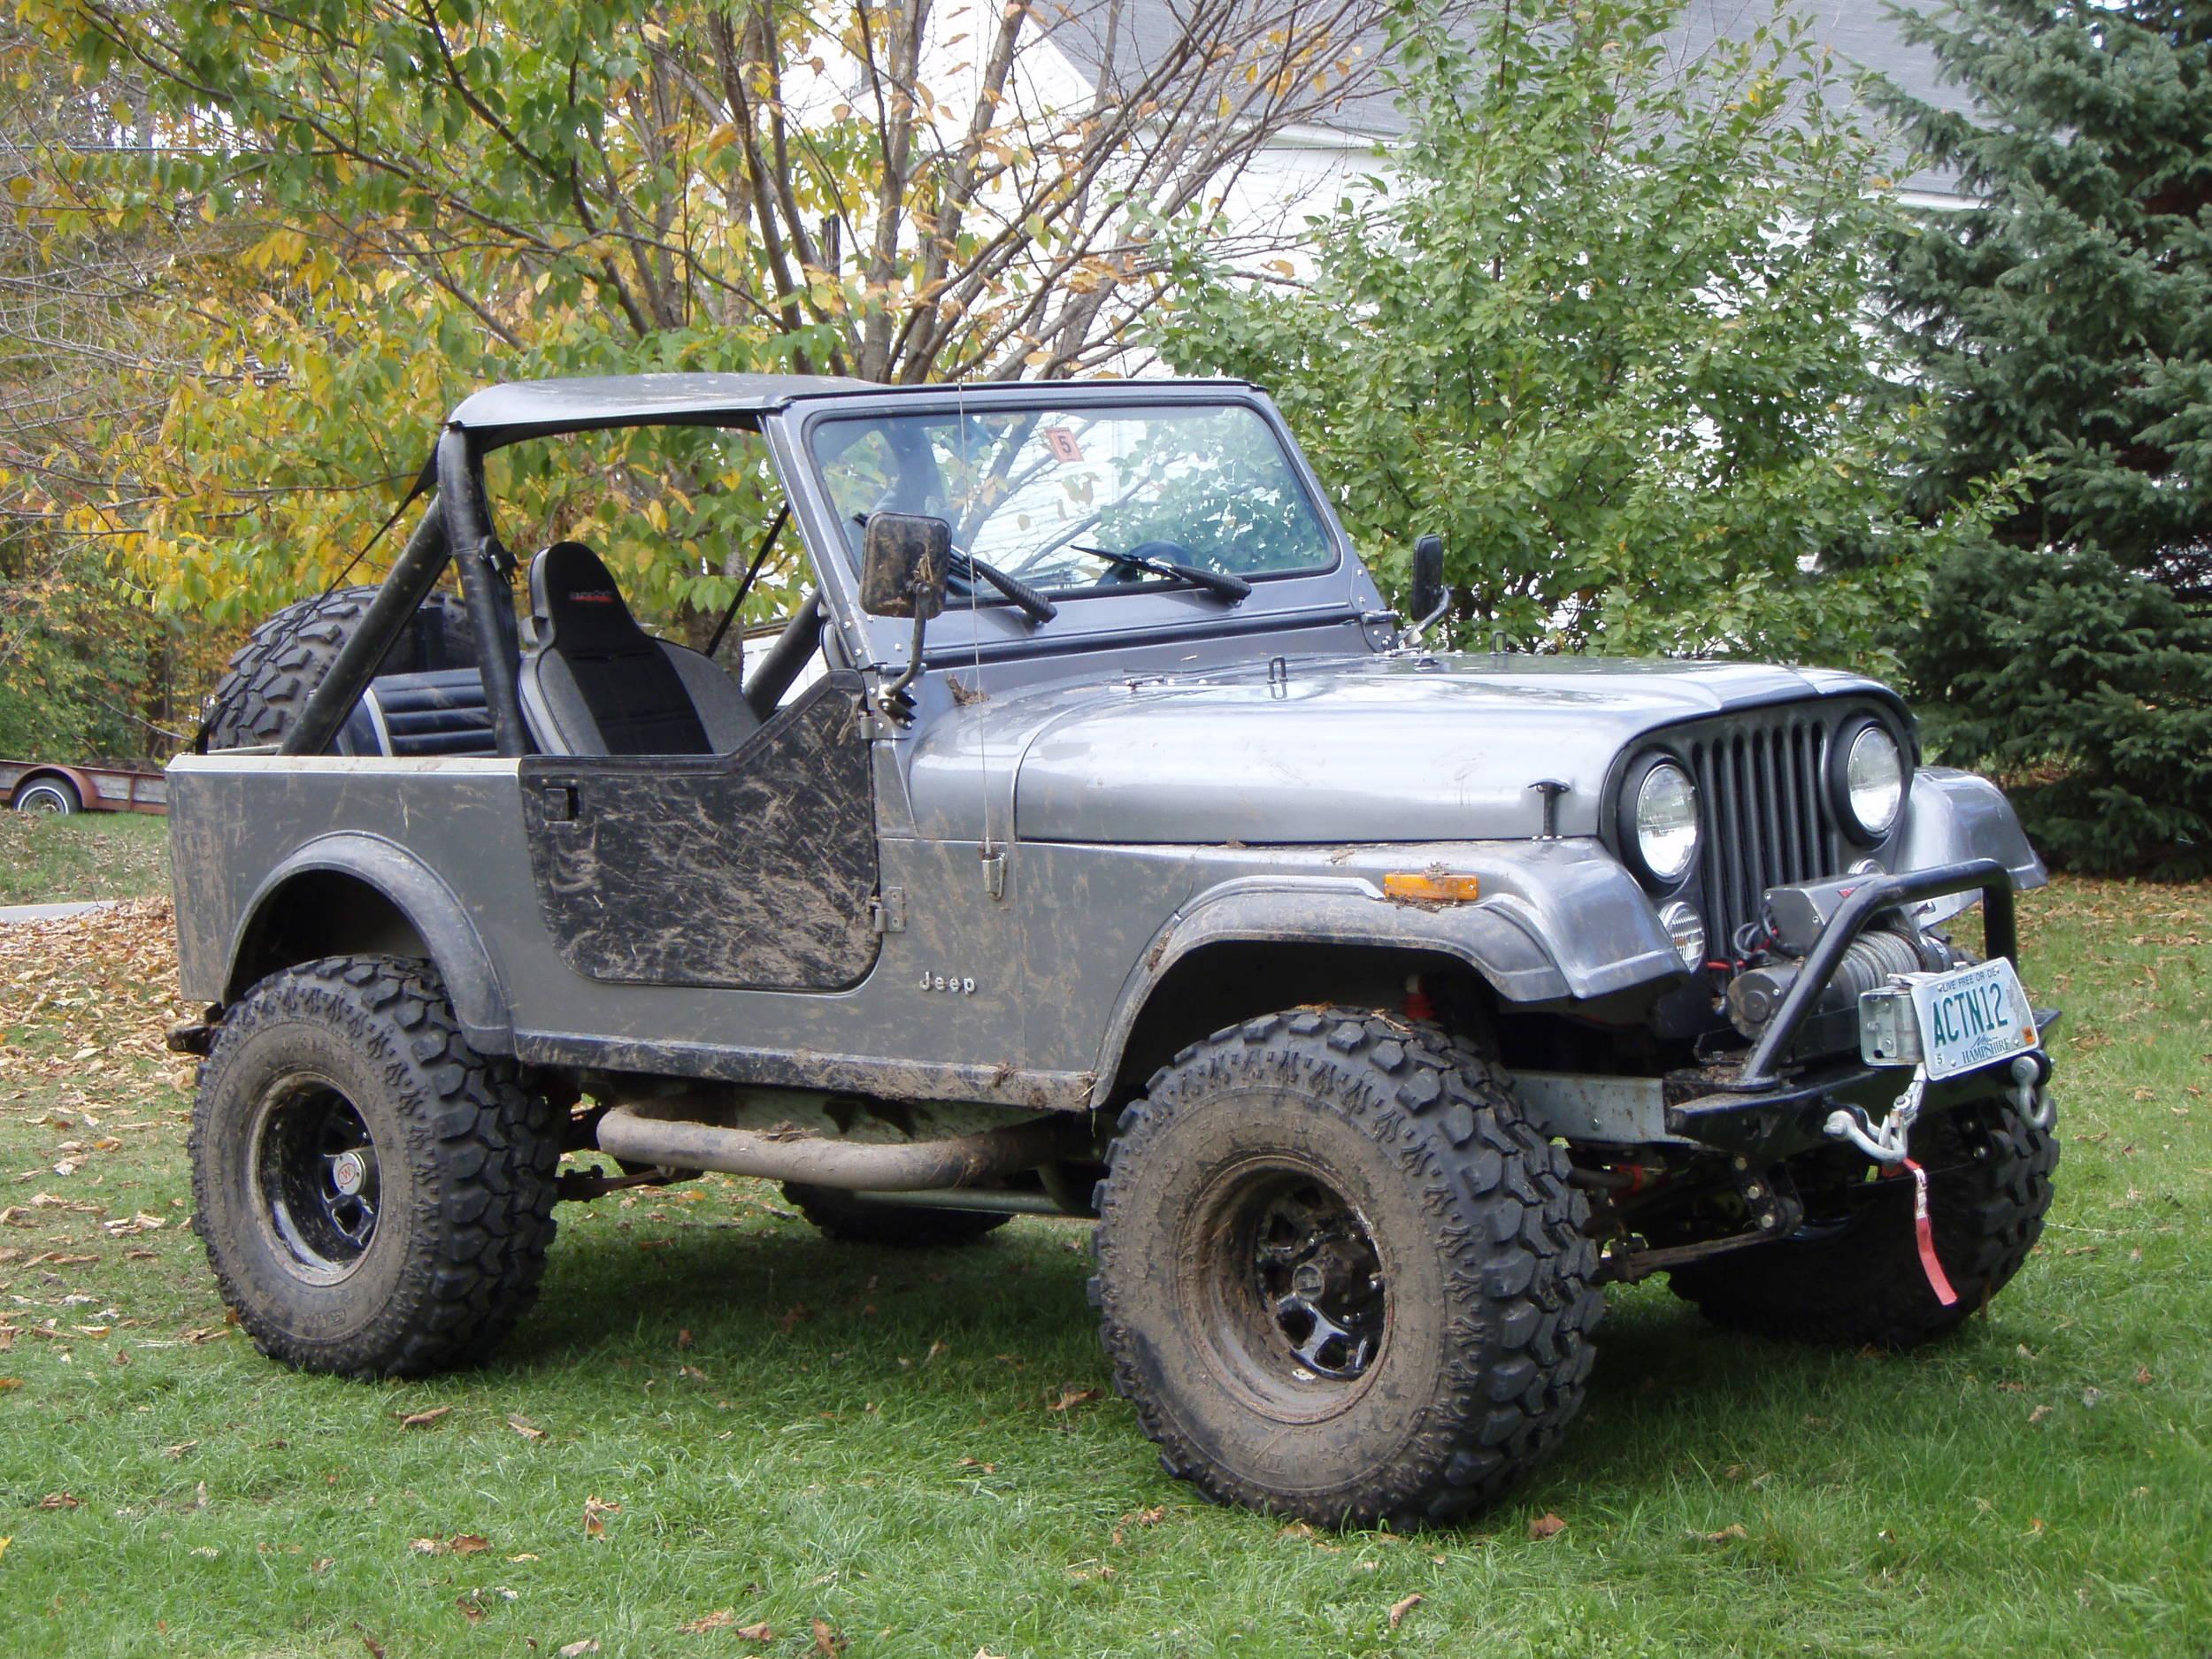 NH jeep